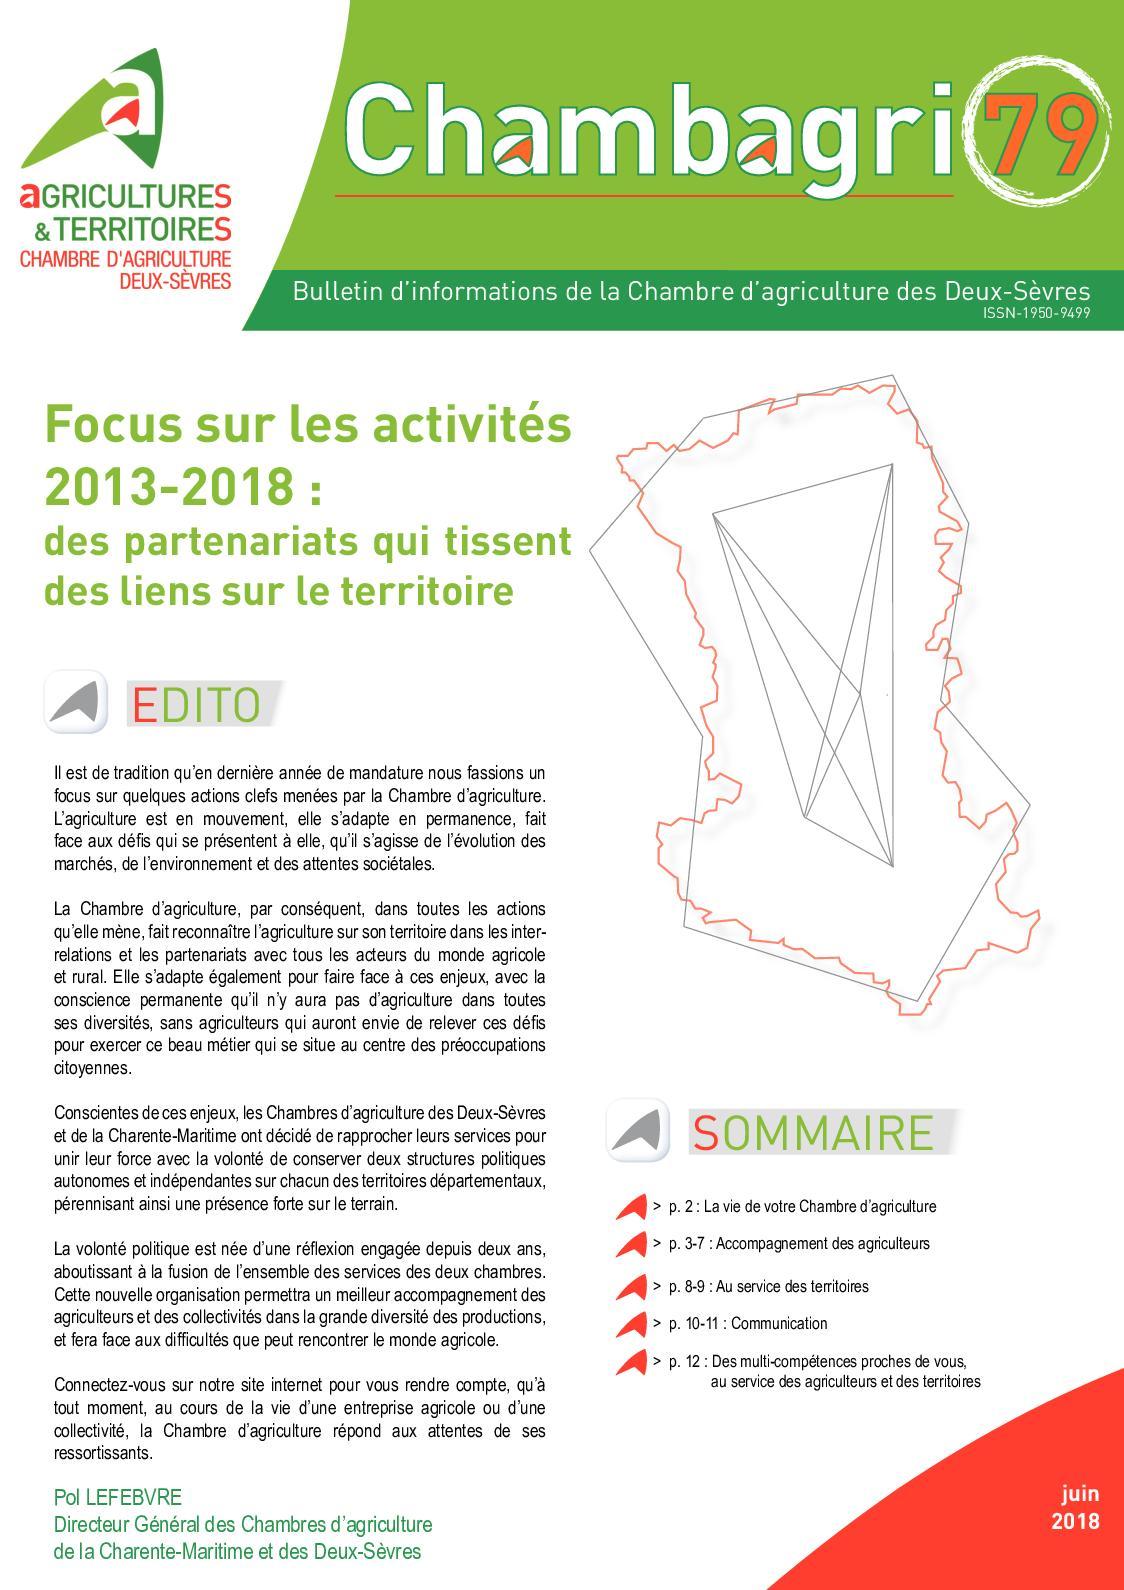 Calaméo Chambagri Focus Activites - Chambre d agriculture des deux sevres